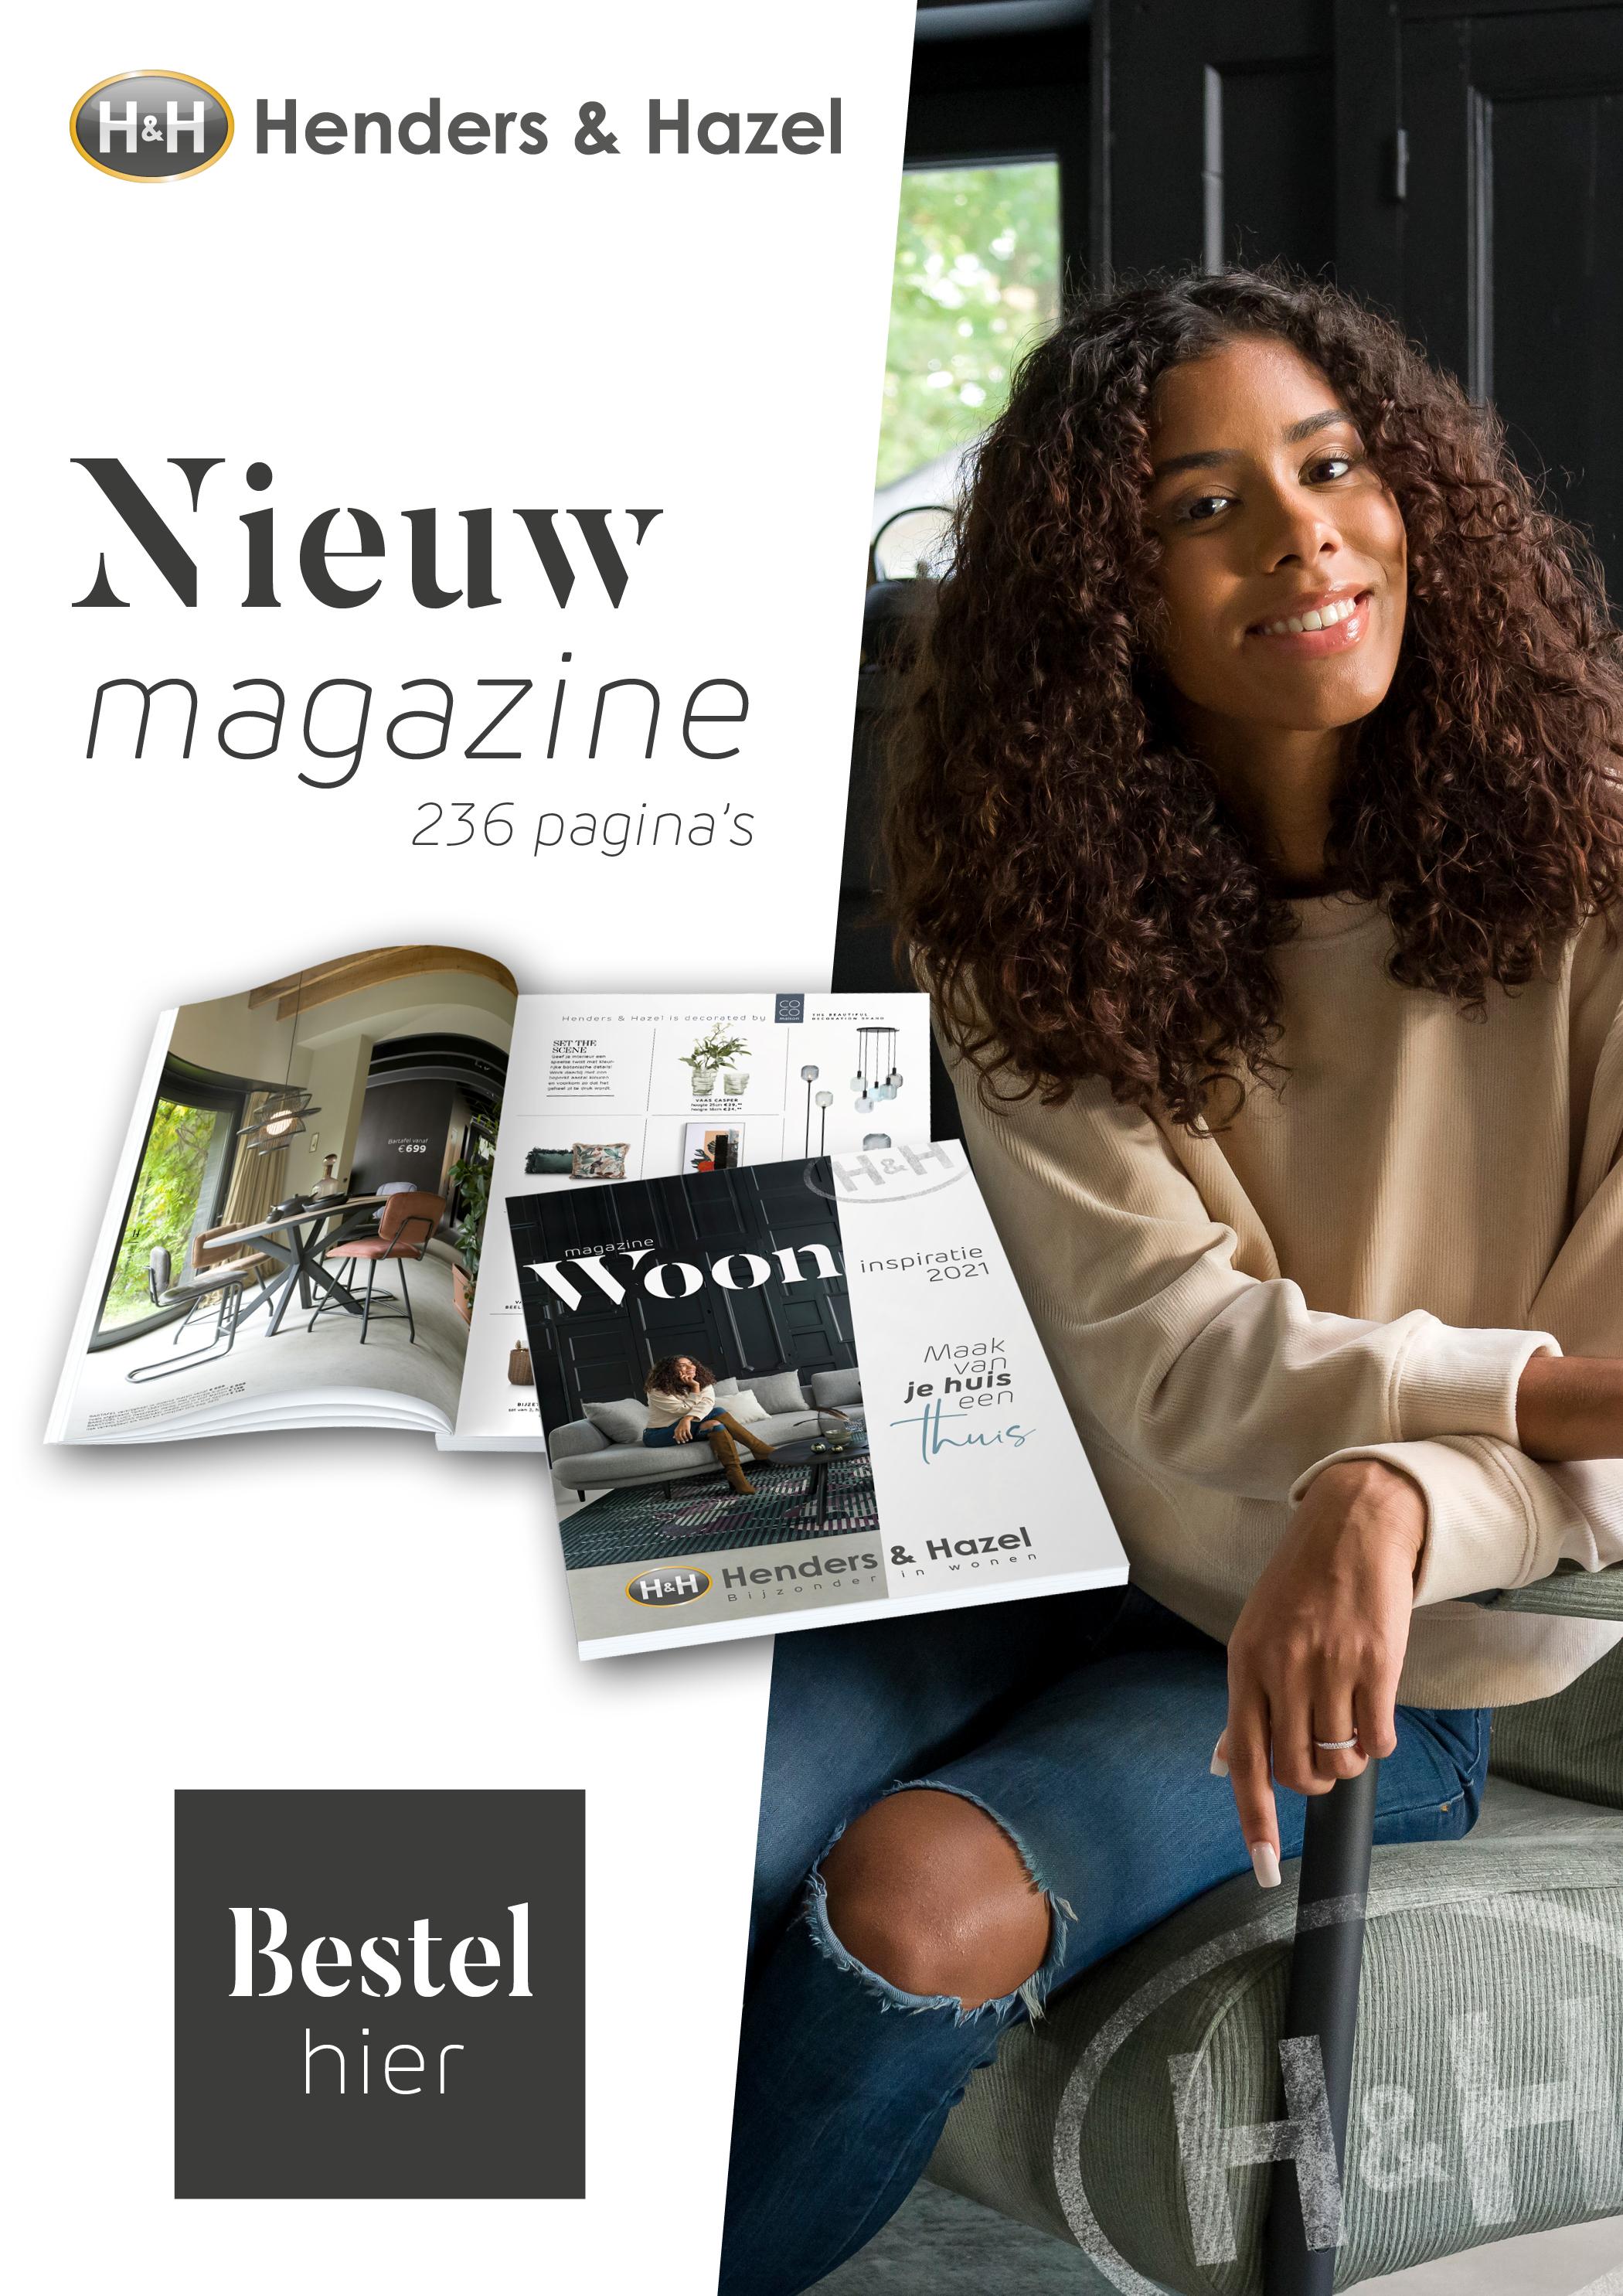 Woonmagazine Henders & Hazel #wooninspiratie #woonmagazine #magazine #interieur #hendershazel